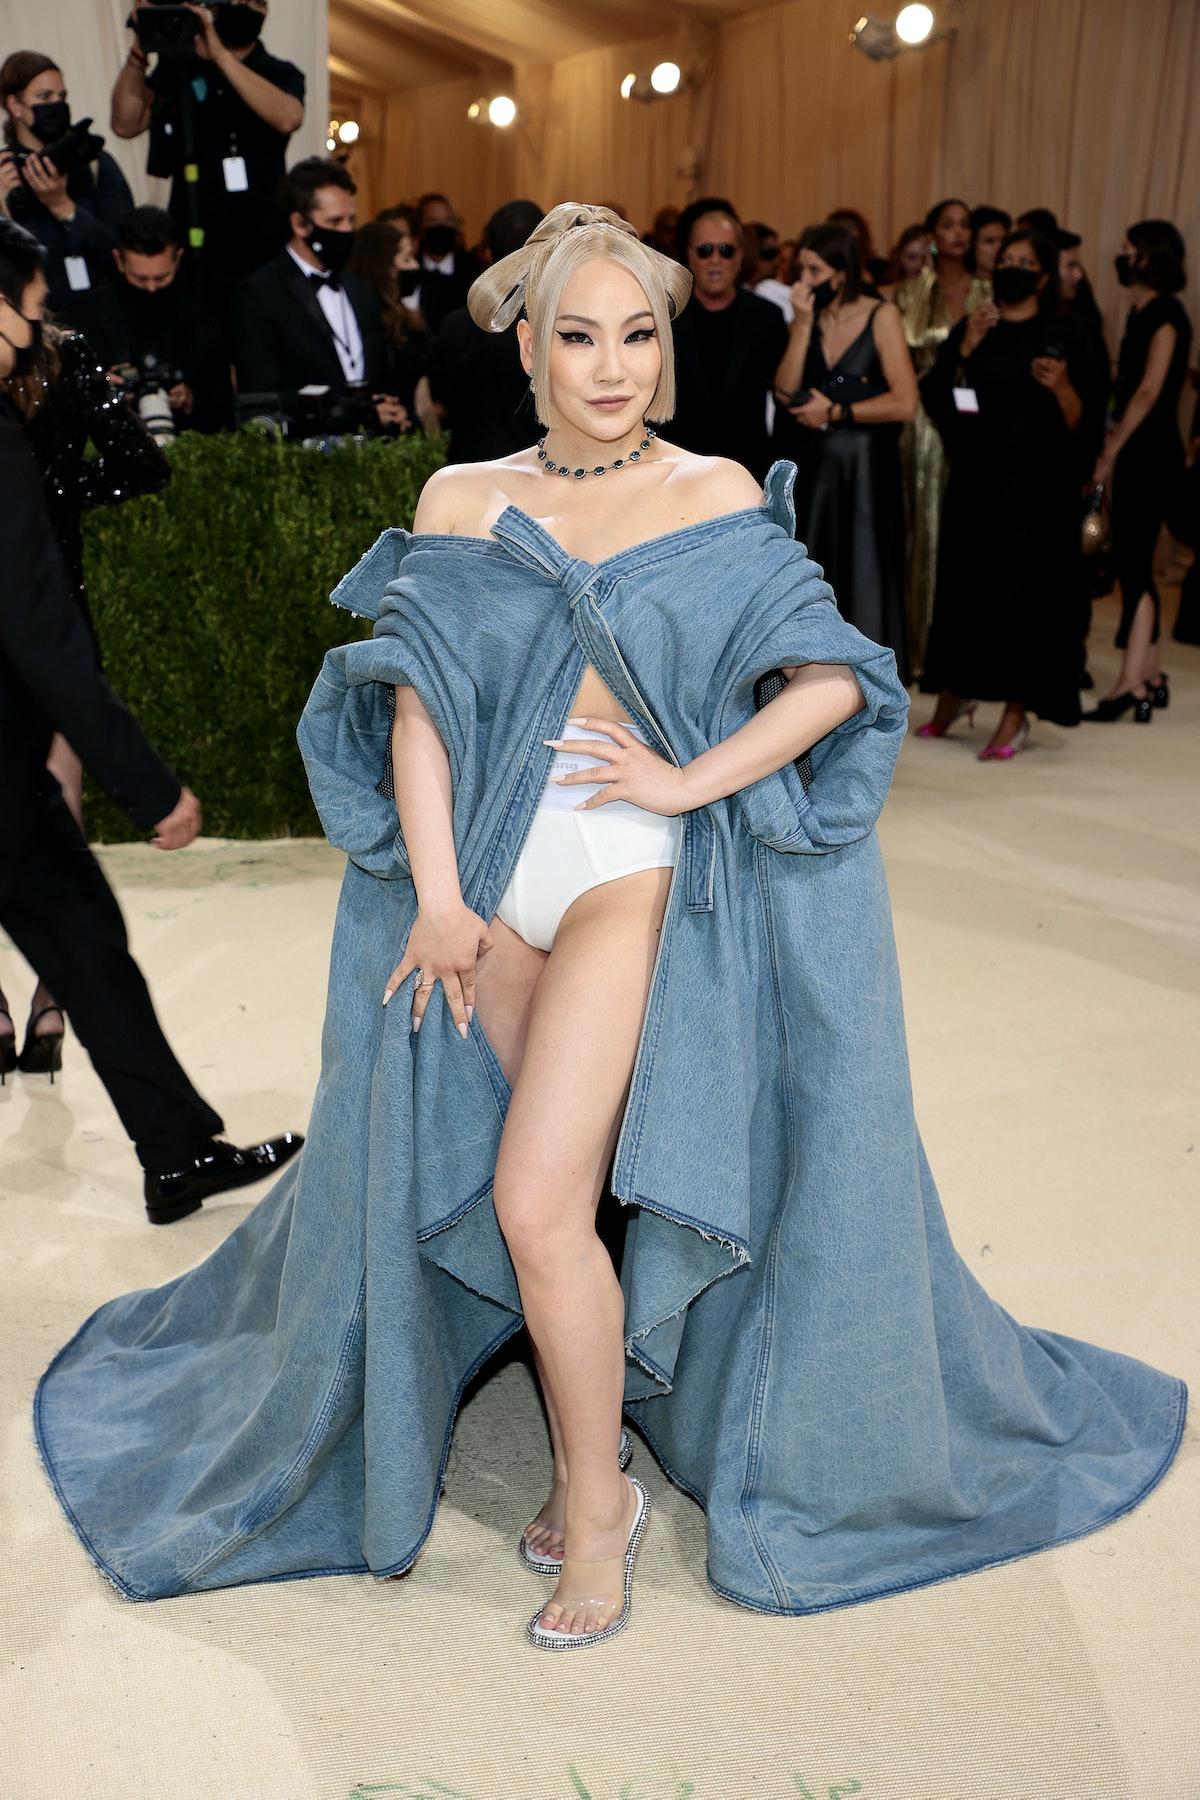 CL at the Met Gala